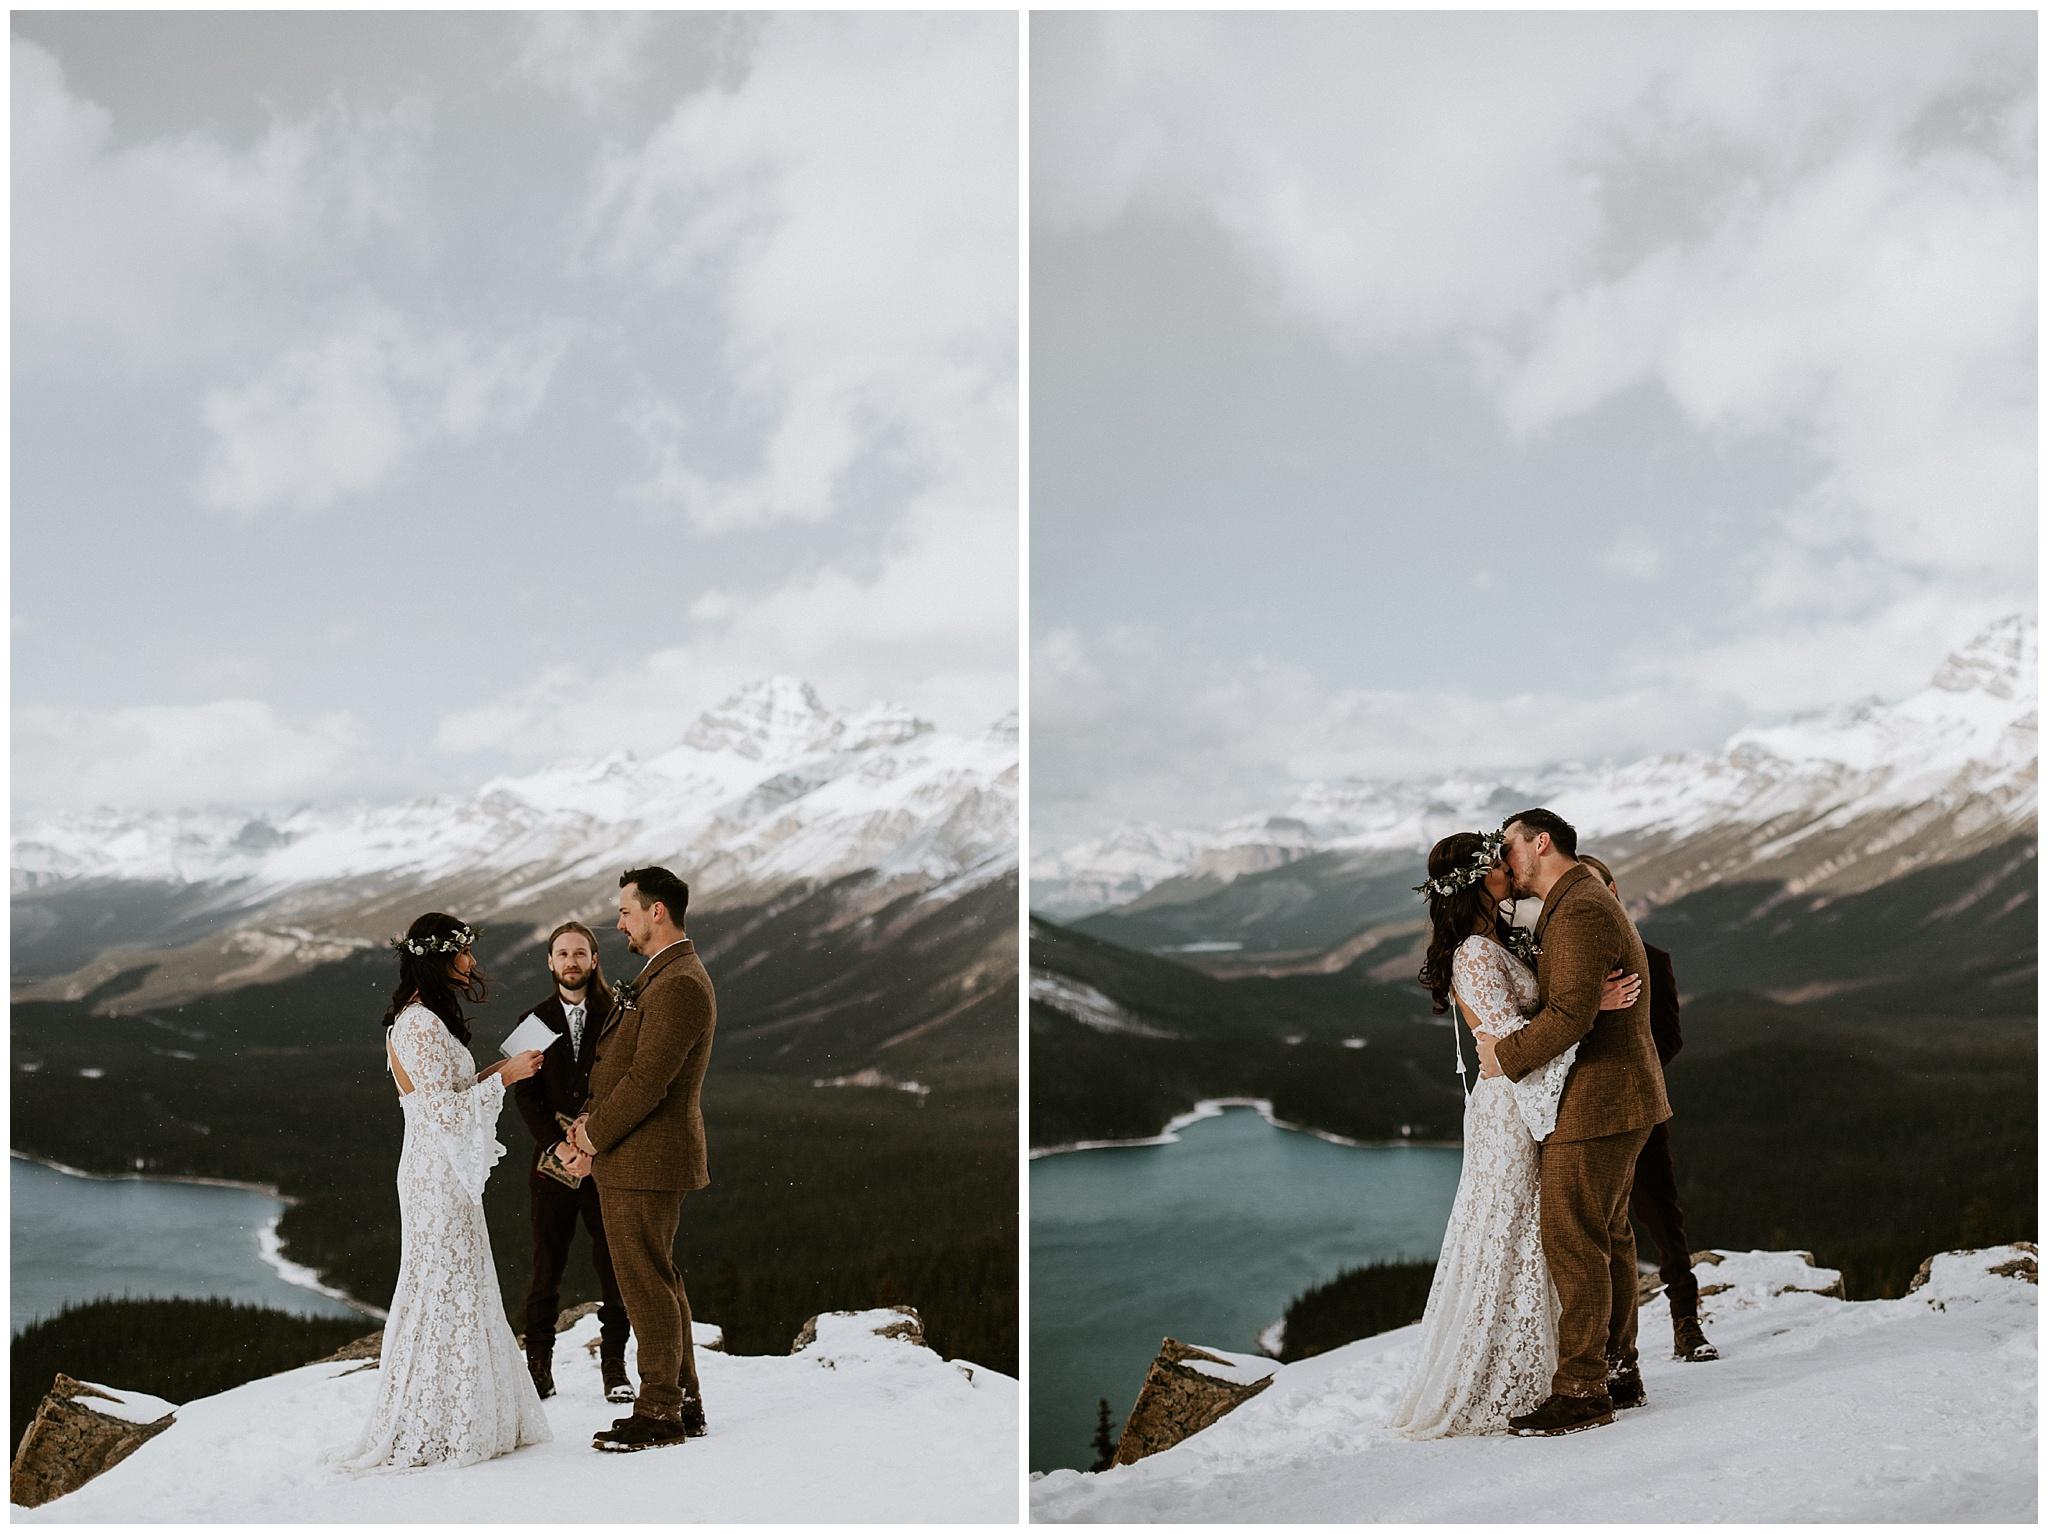 peyto-lake-wedding-photos-22.JPG